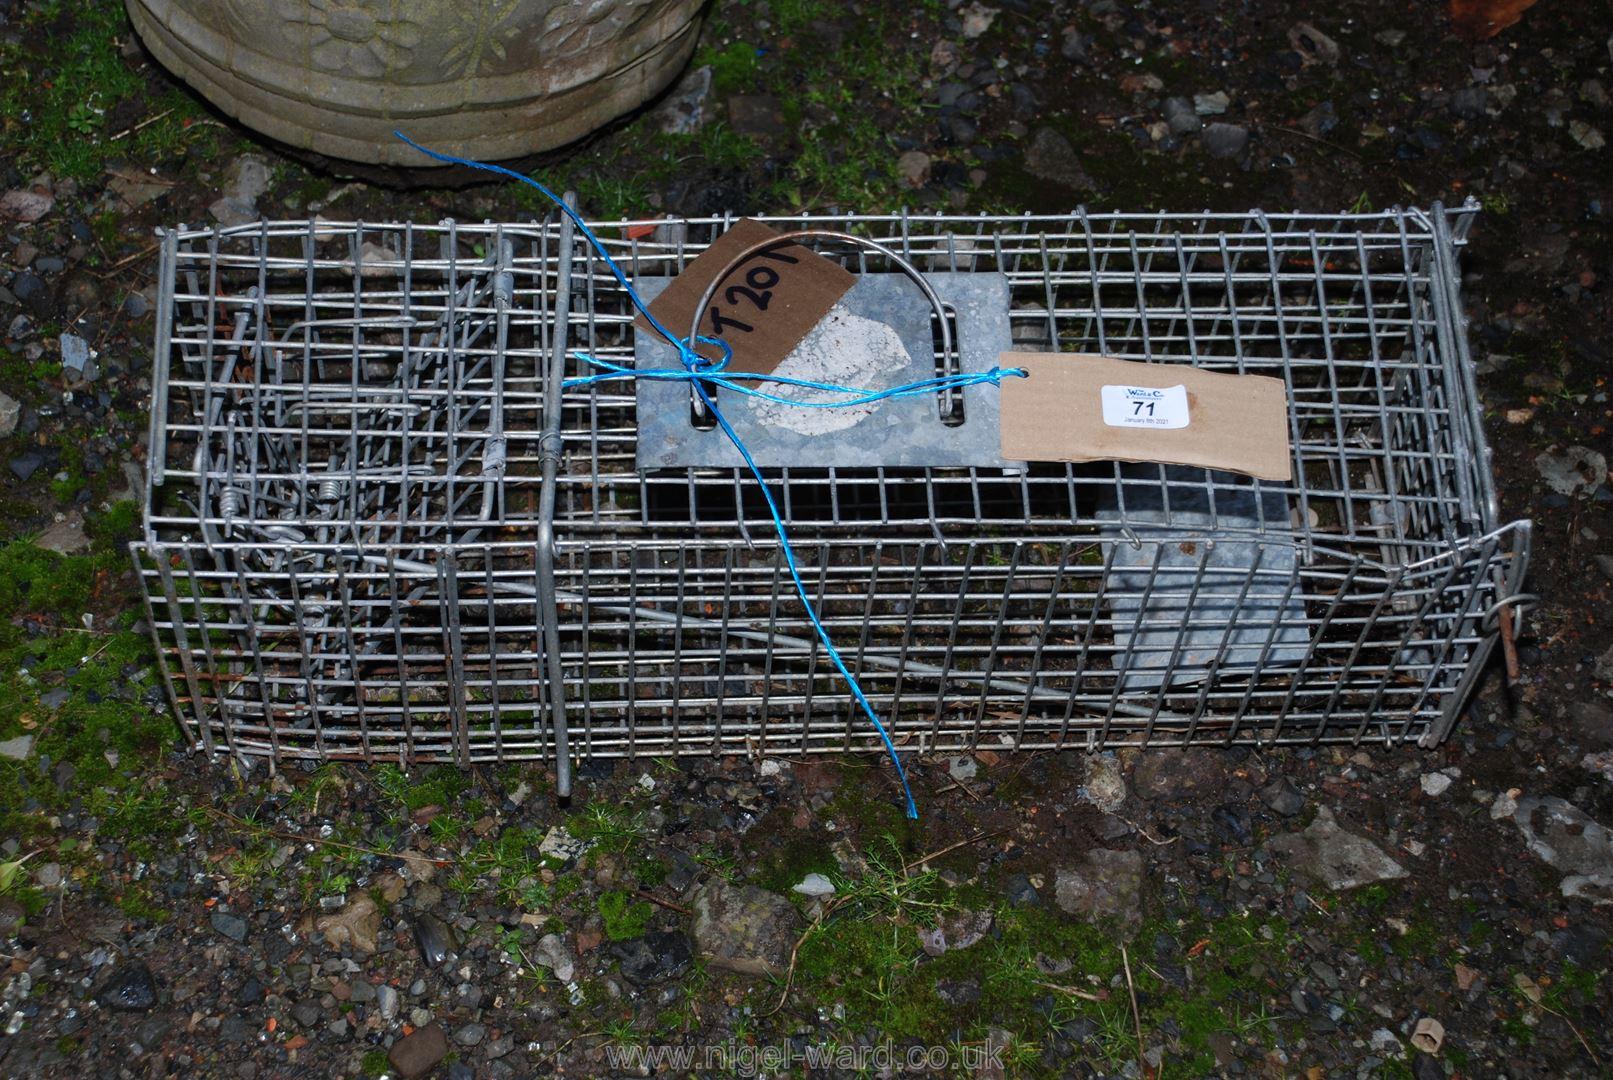 A metal rat/animal trap.